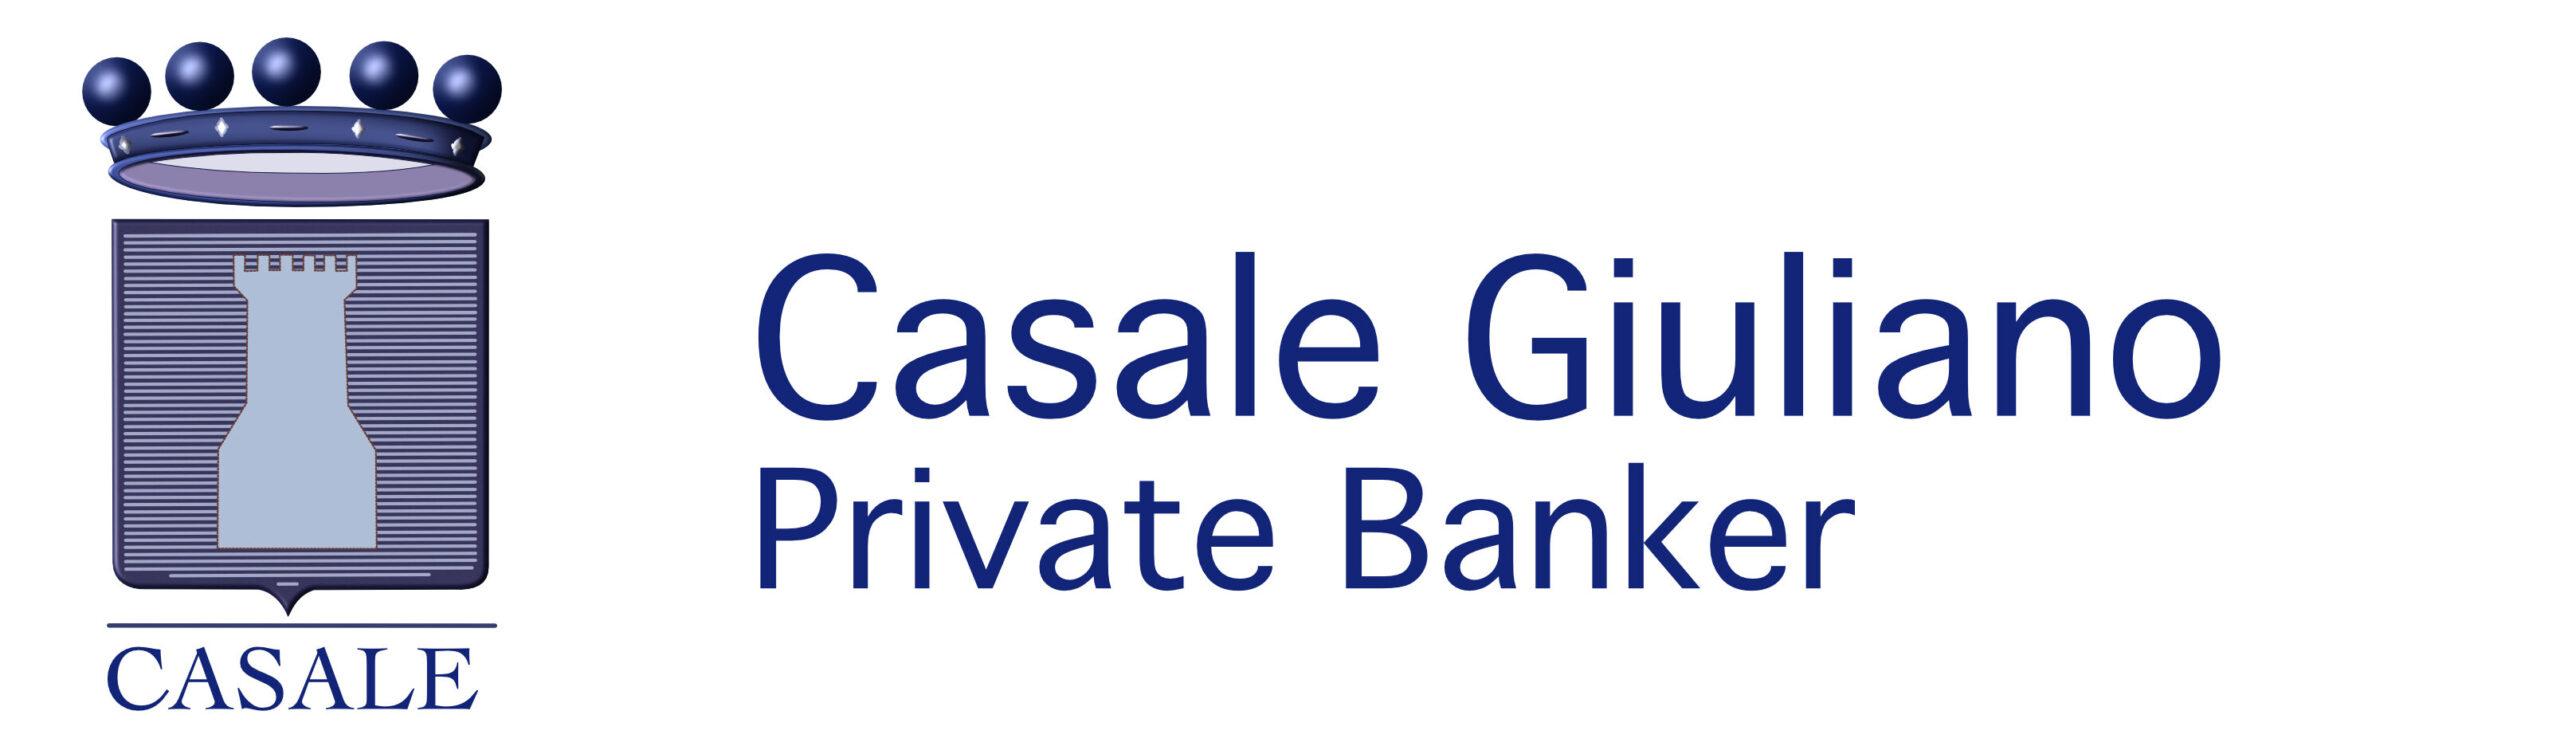 Giuliano Casale Private Banker